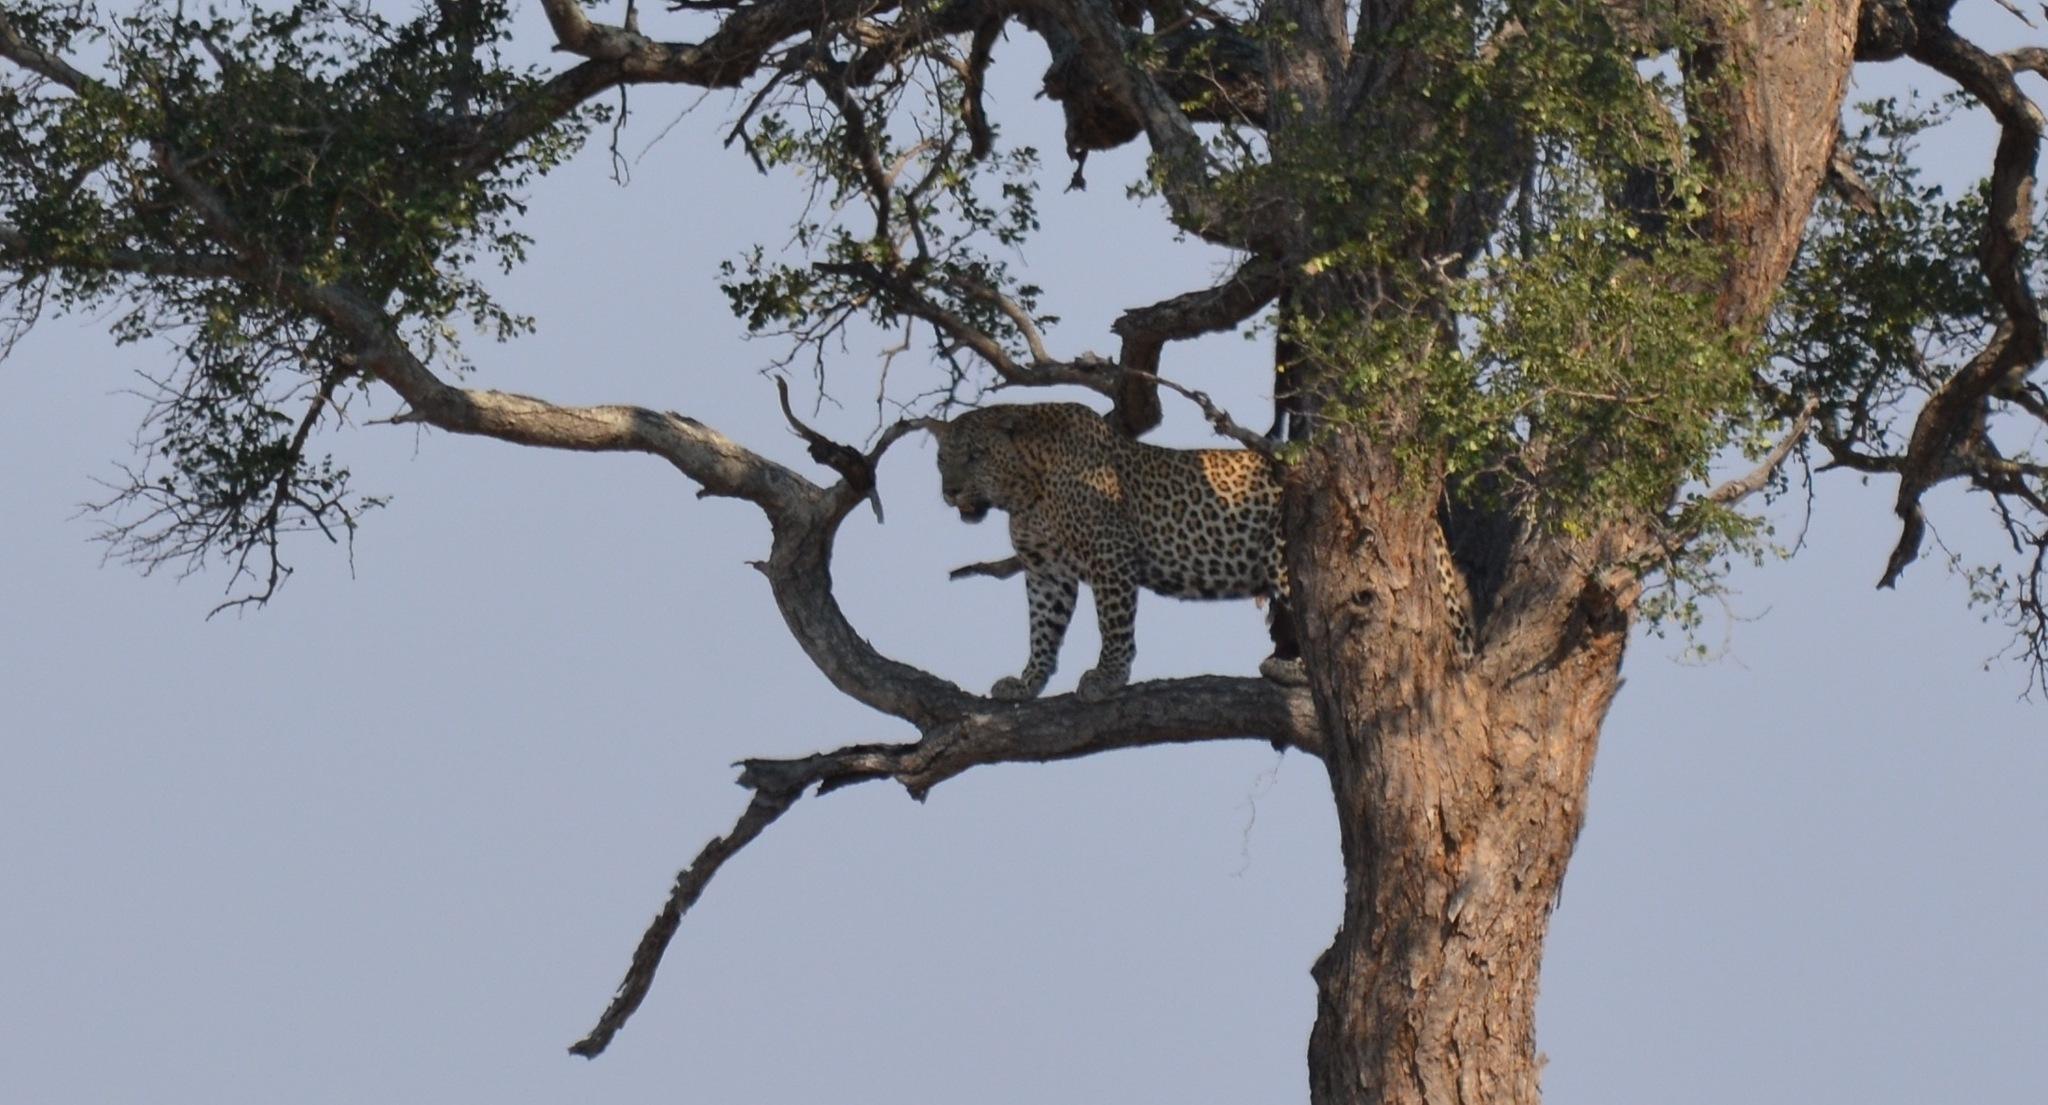 Leopard by godfreyanker